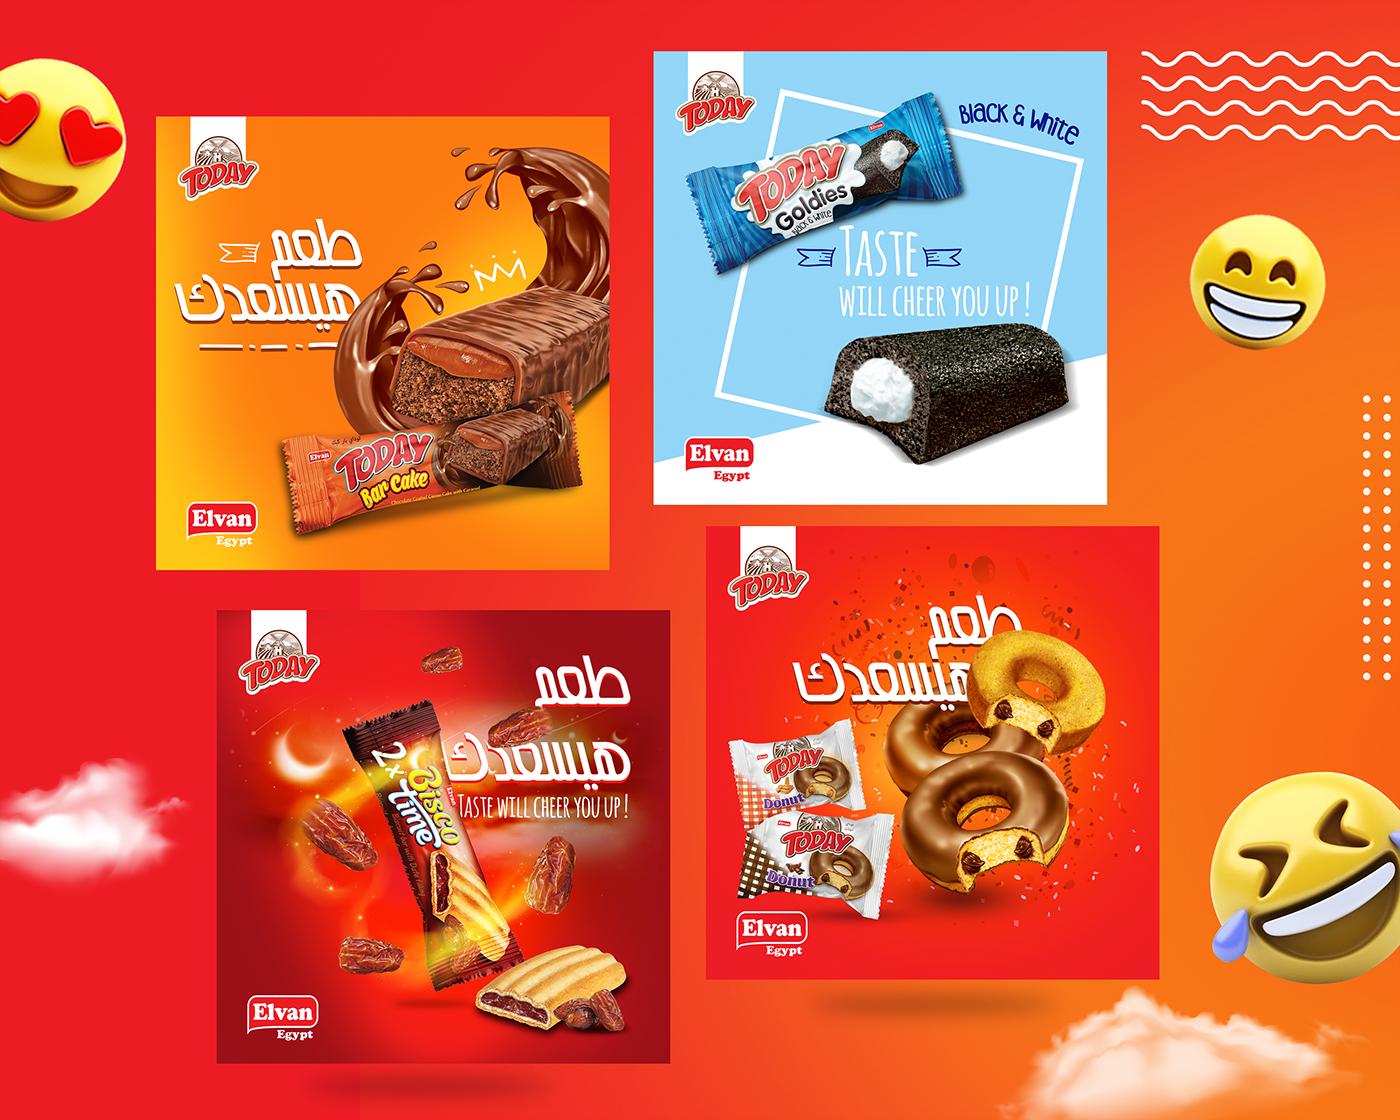 Elvan Egypt Social Media Design Official Website On Behance